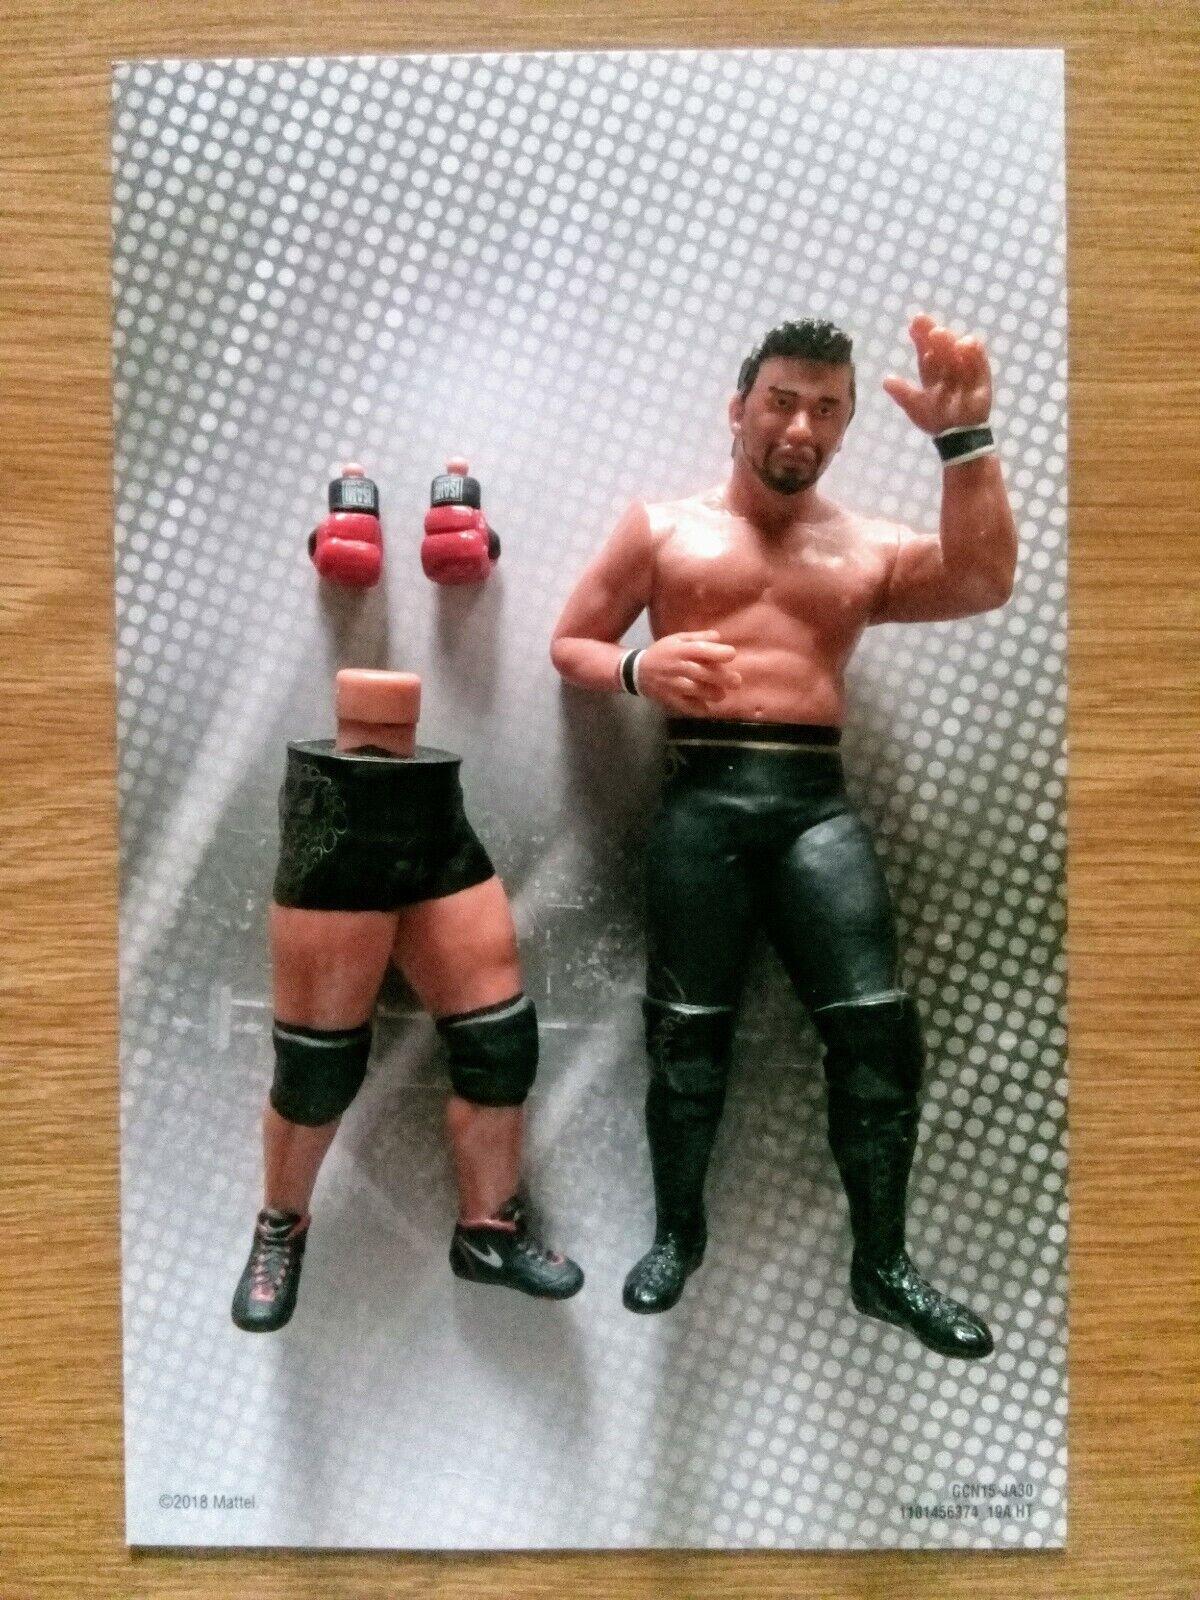 WWE SHINSUKE NAKAMURA Wrestler Figure New Japan Pro Wrestling NJPW